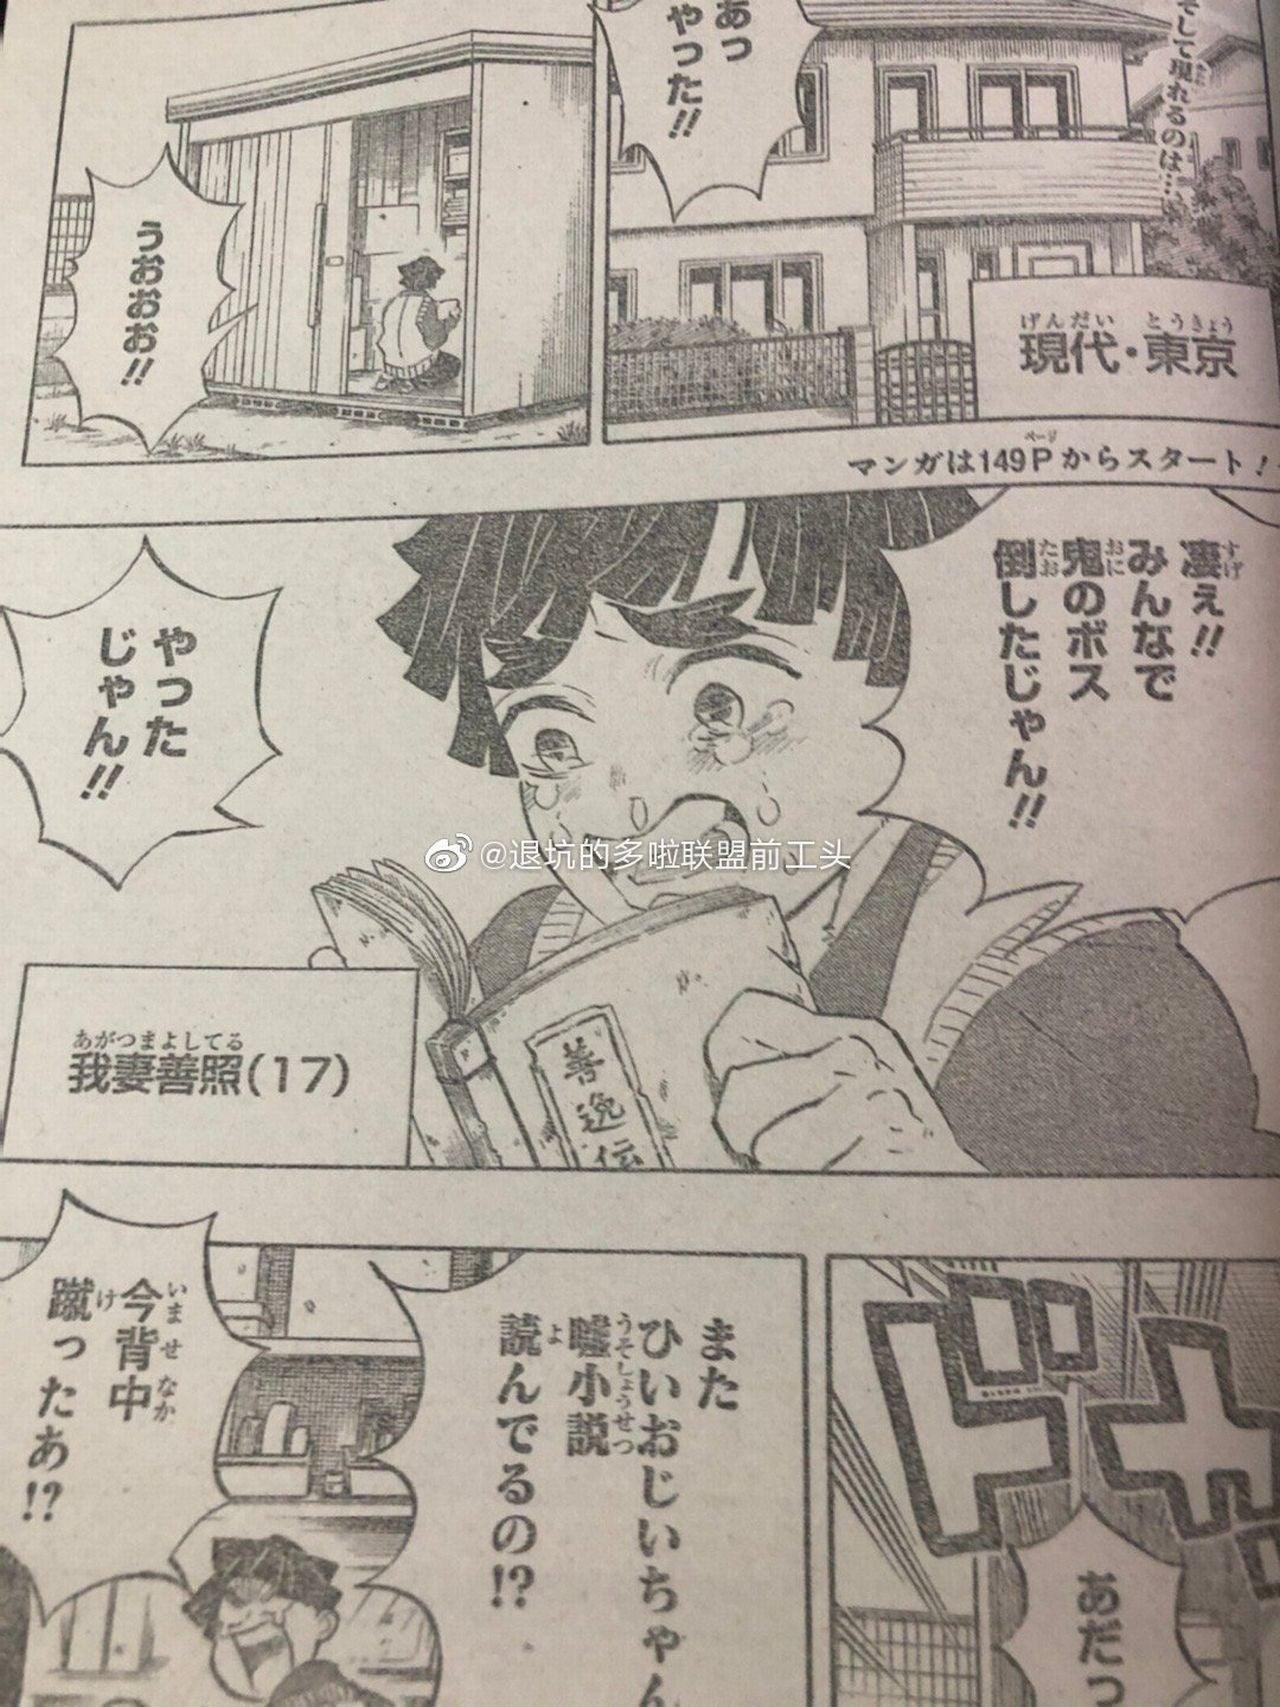 鬼滅の刃 205話 ネタバレ